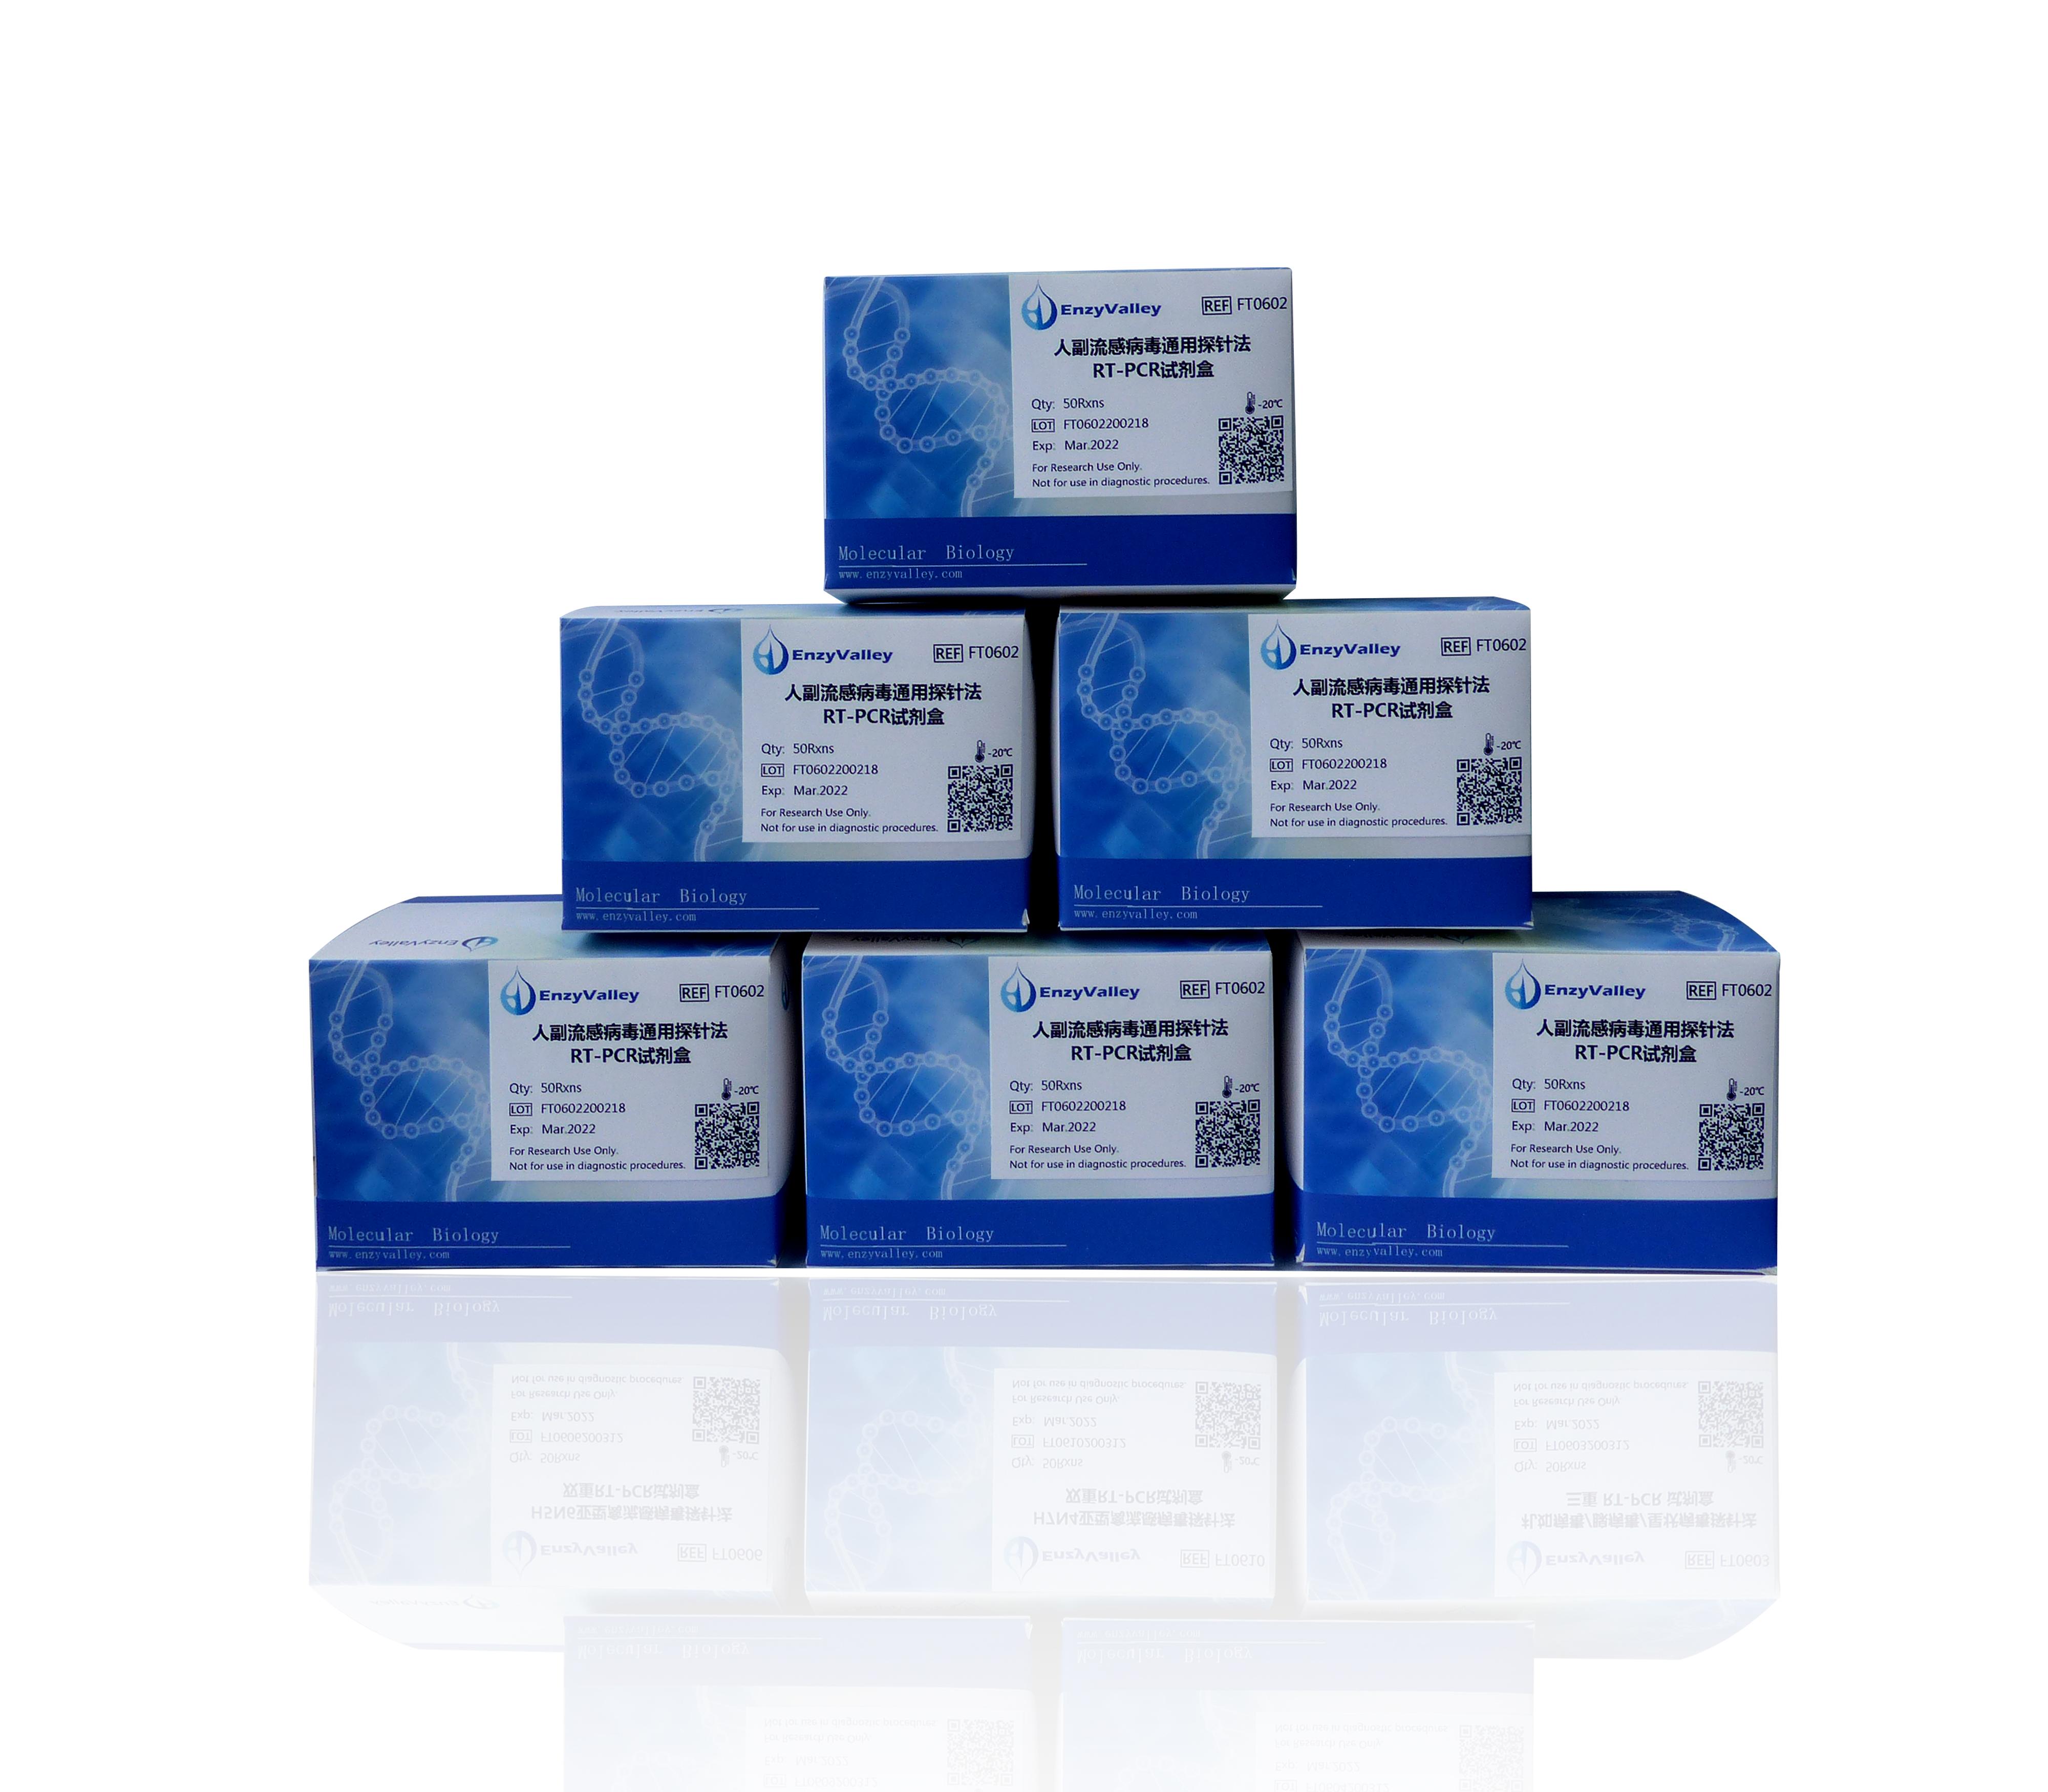 人副流感病毒通用探针法RT-PCR试剂盒